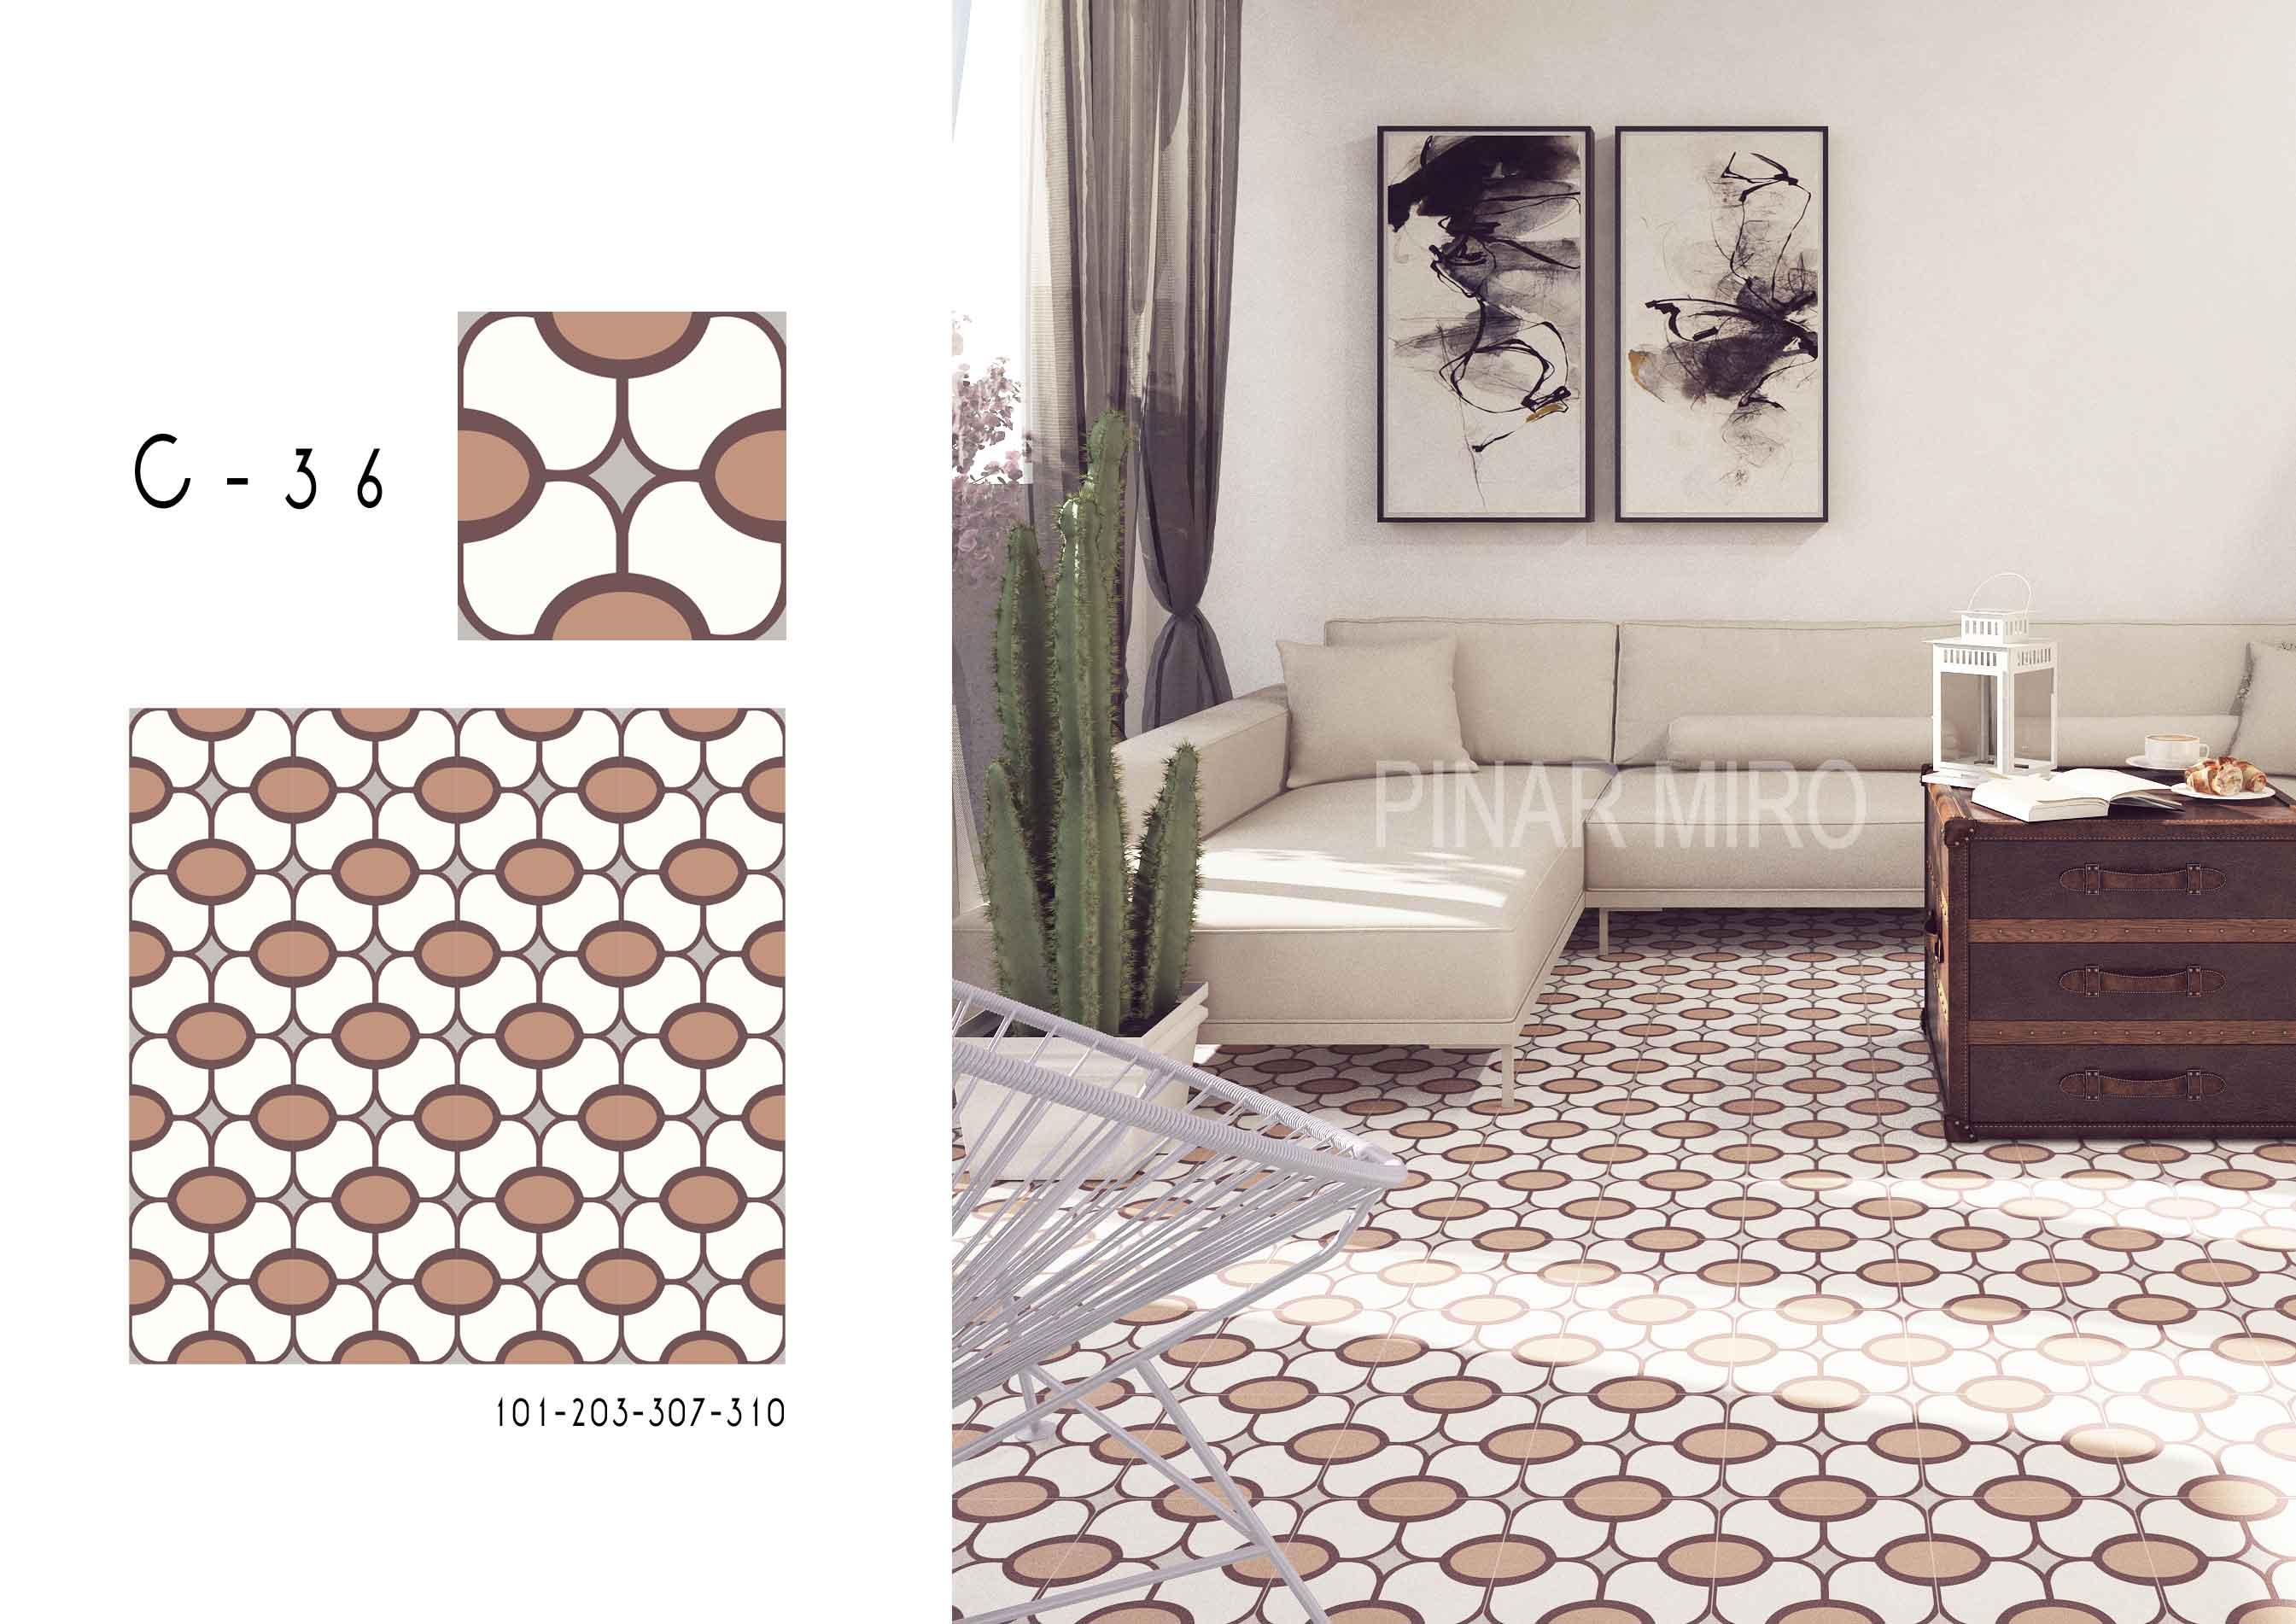 2-c036-pinar-miro-cement-tiles